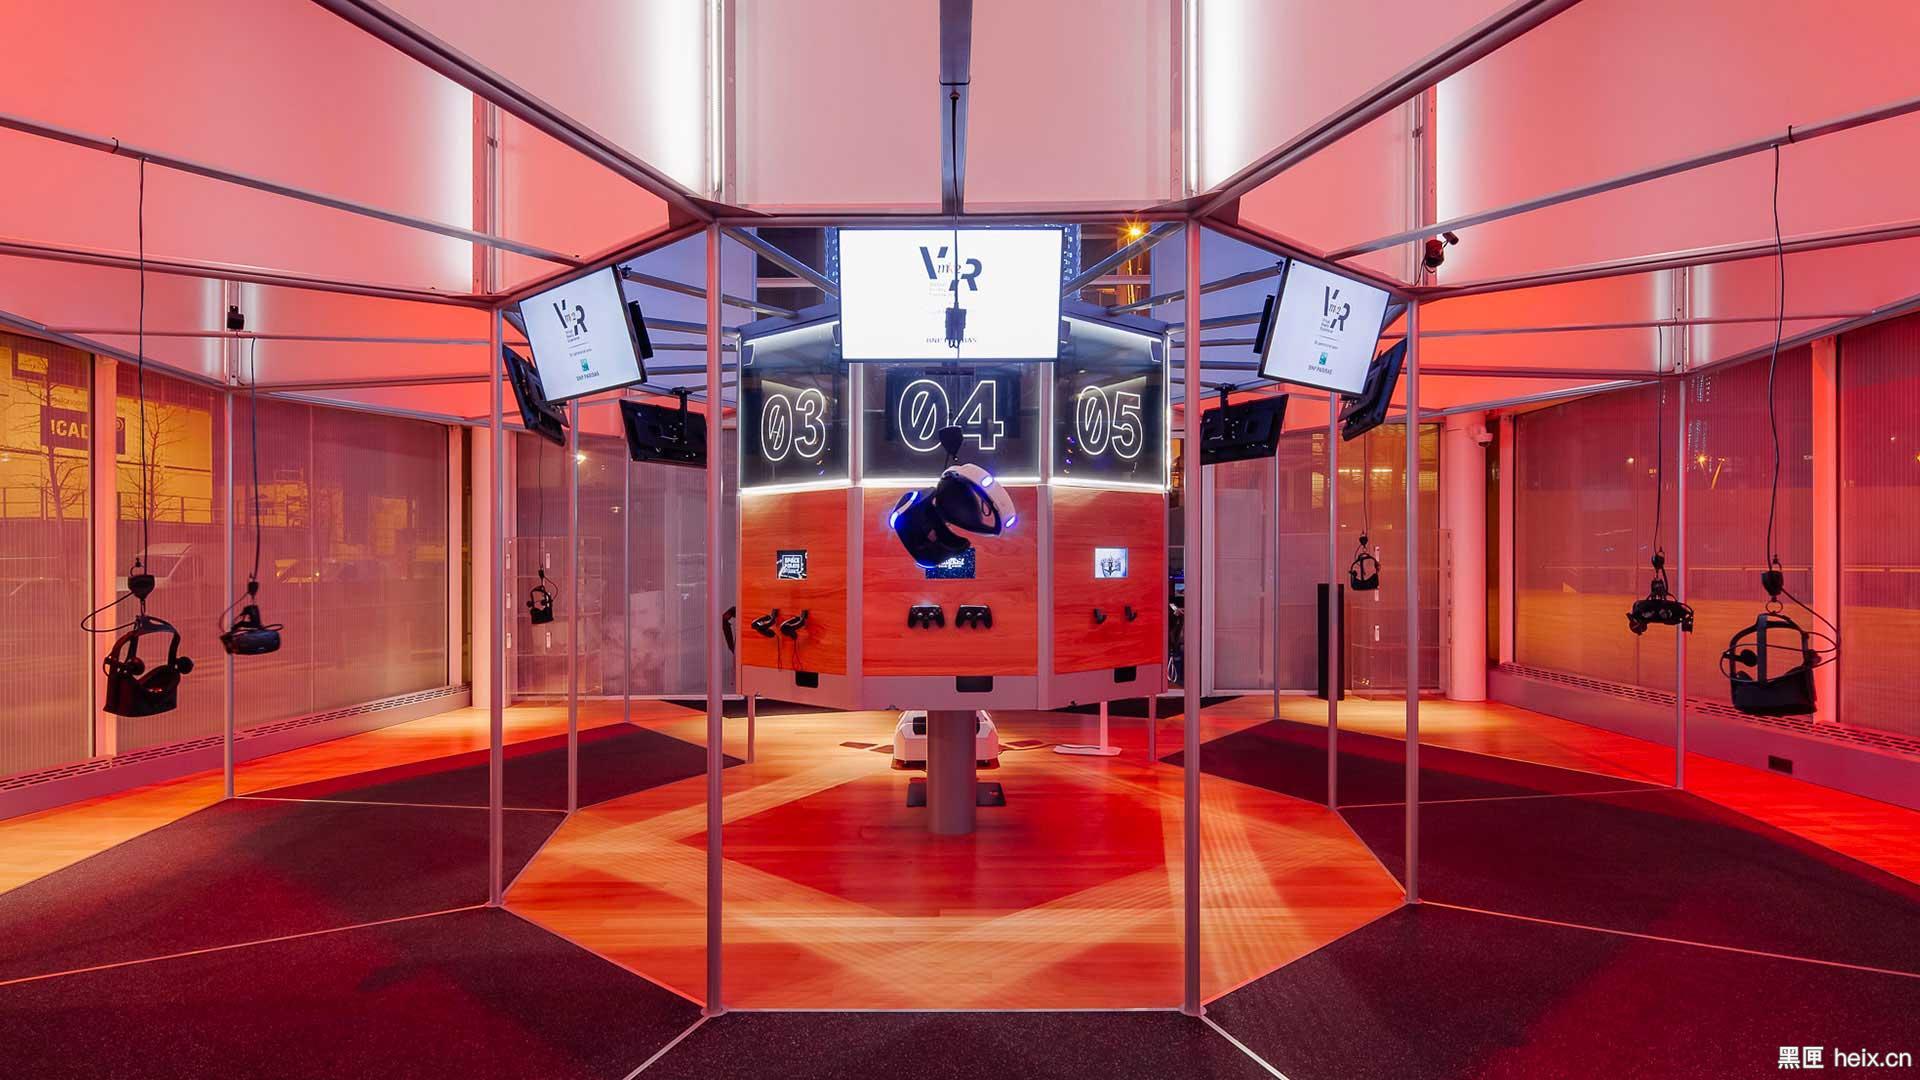 装修国内v文艺店的a文艺比较,mk2vr确实比起文艺,里面有电影院,系统有装图书新风图片